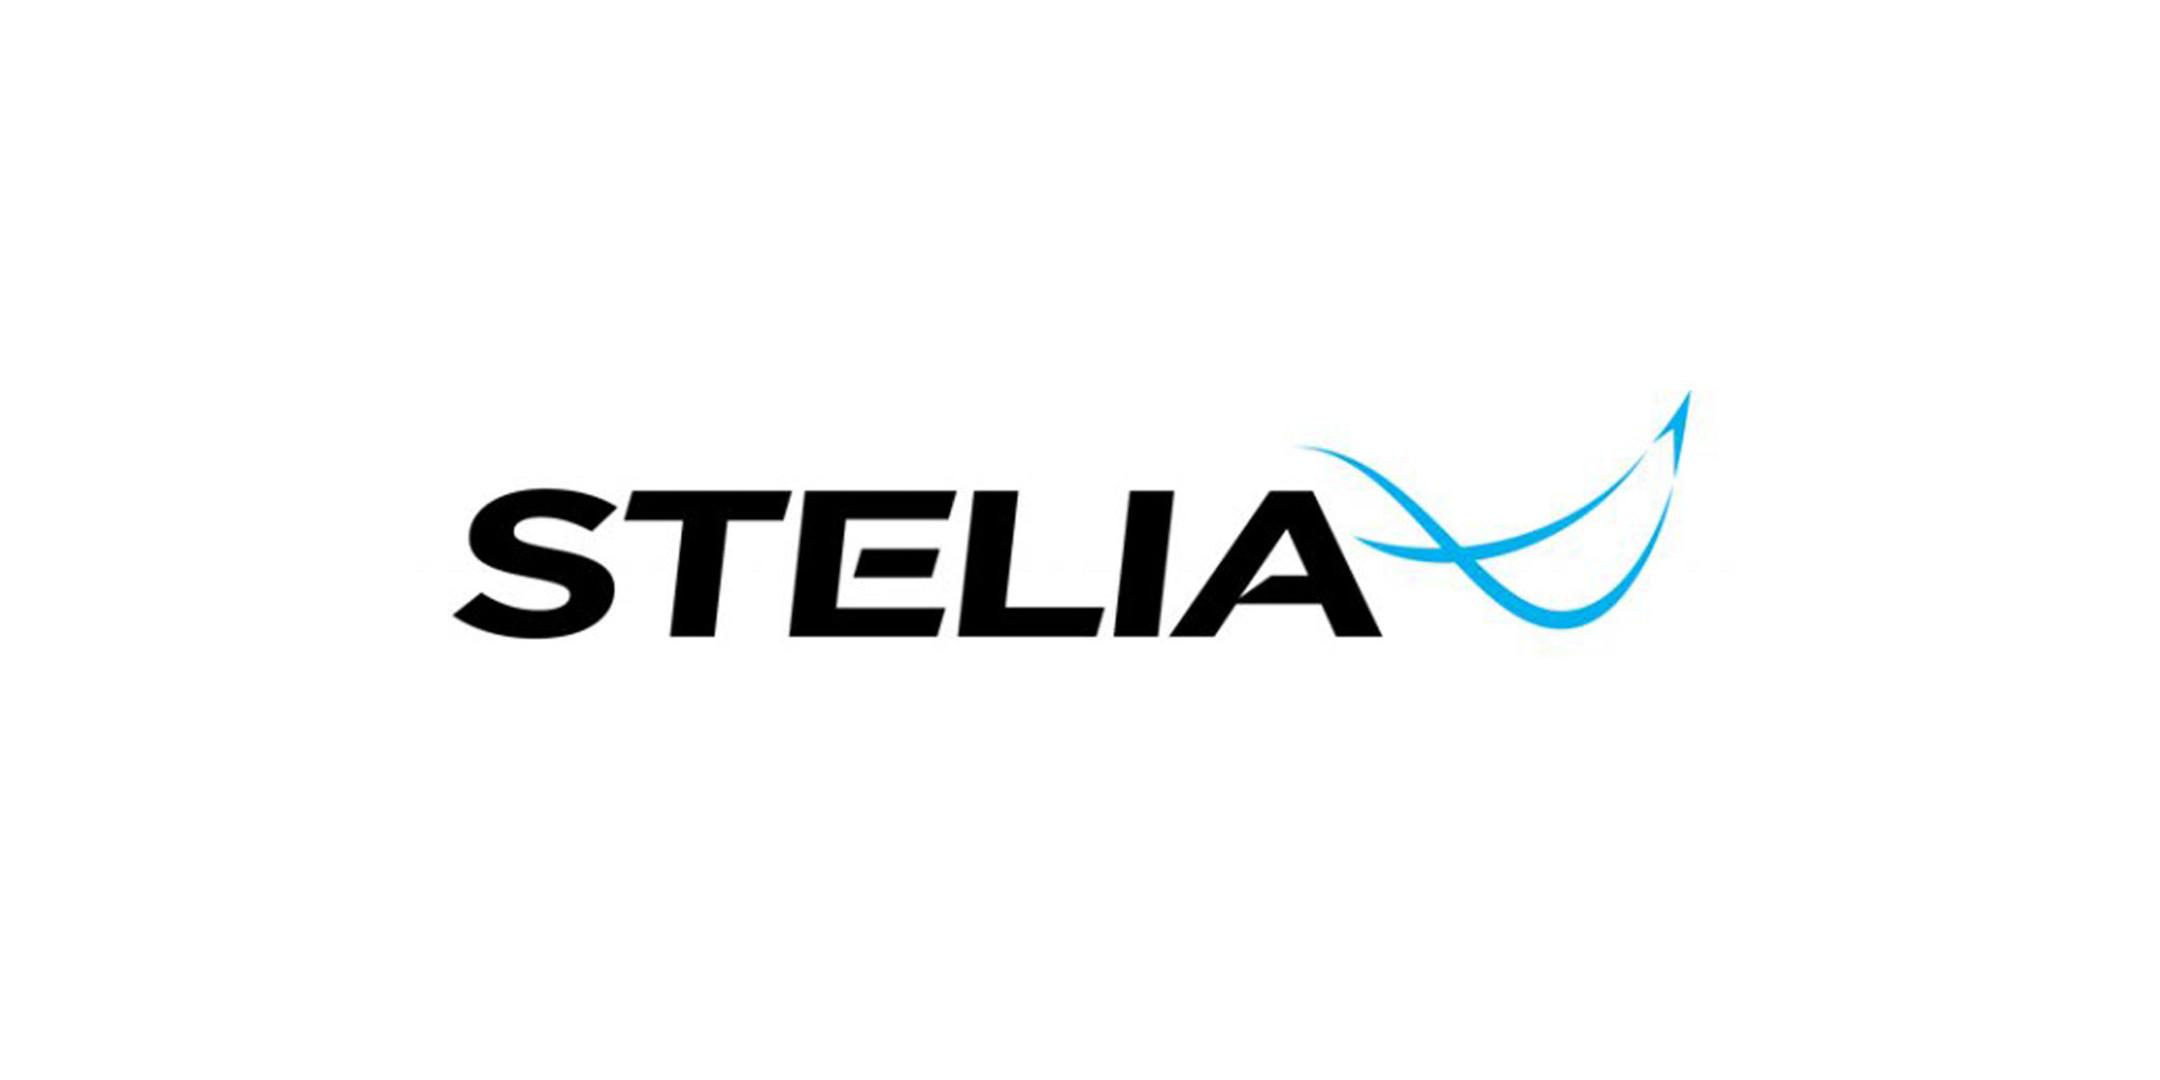 stelia website.jpg